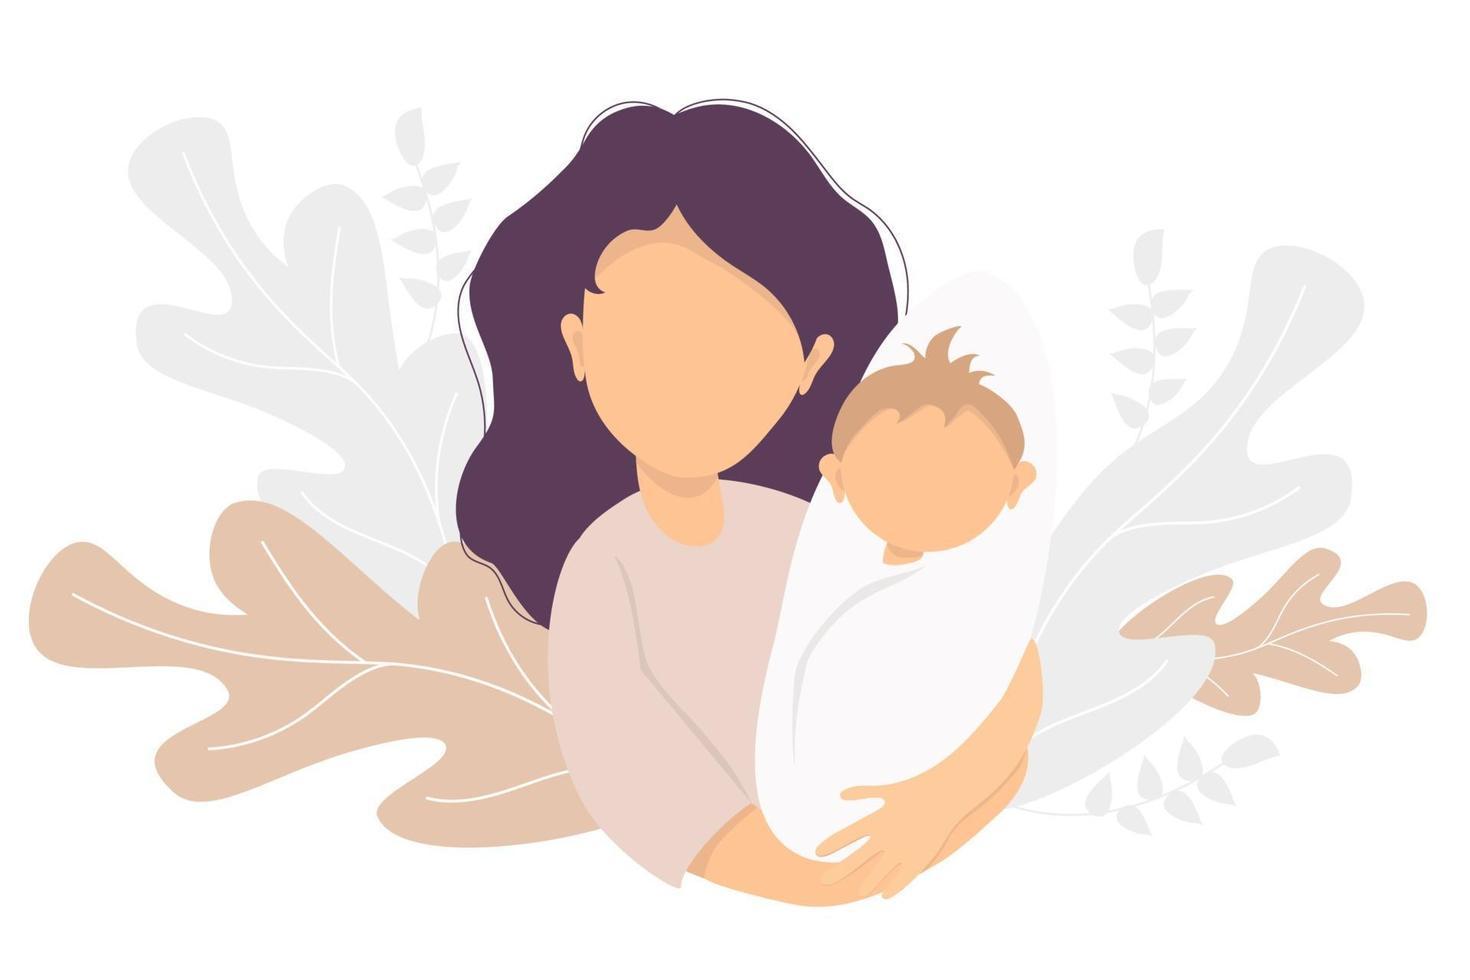 maternidade. mulher feliz com um bebê recém-nascido nos braços. no padrão decorativo de fundo de plantas e folhas tropicais. ilustração vetorial. família feliz - mãe e bebê felizes. ilustração plana vetor